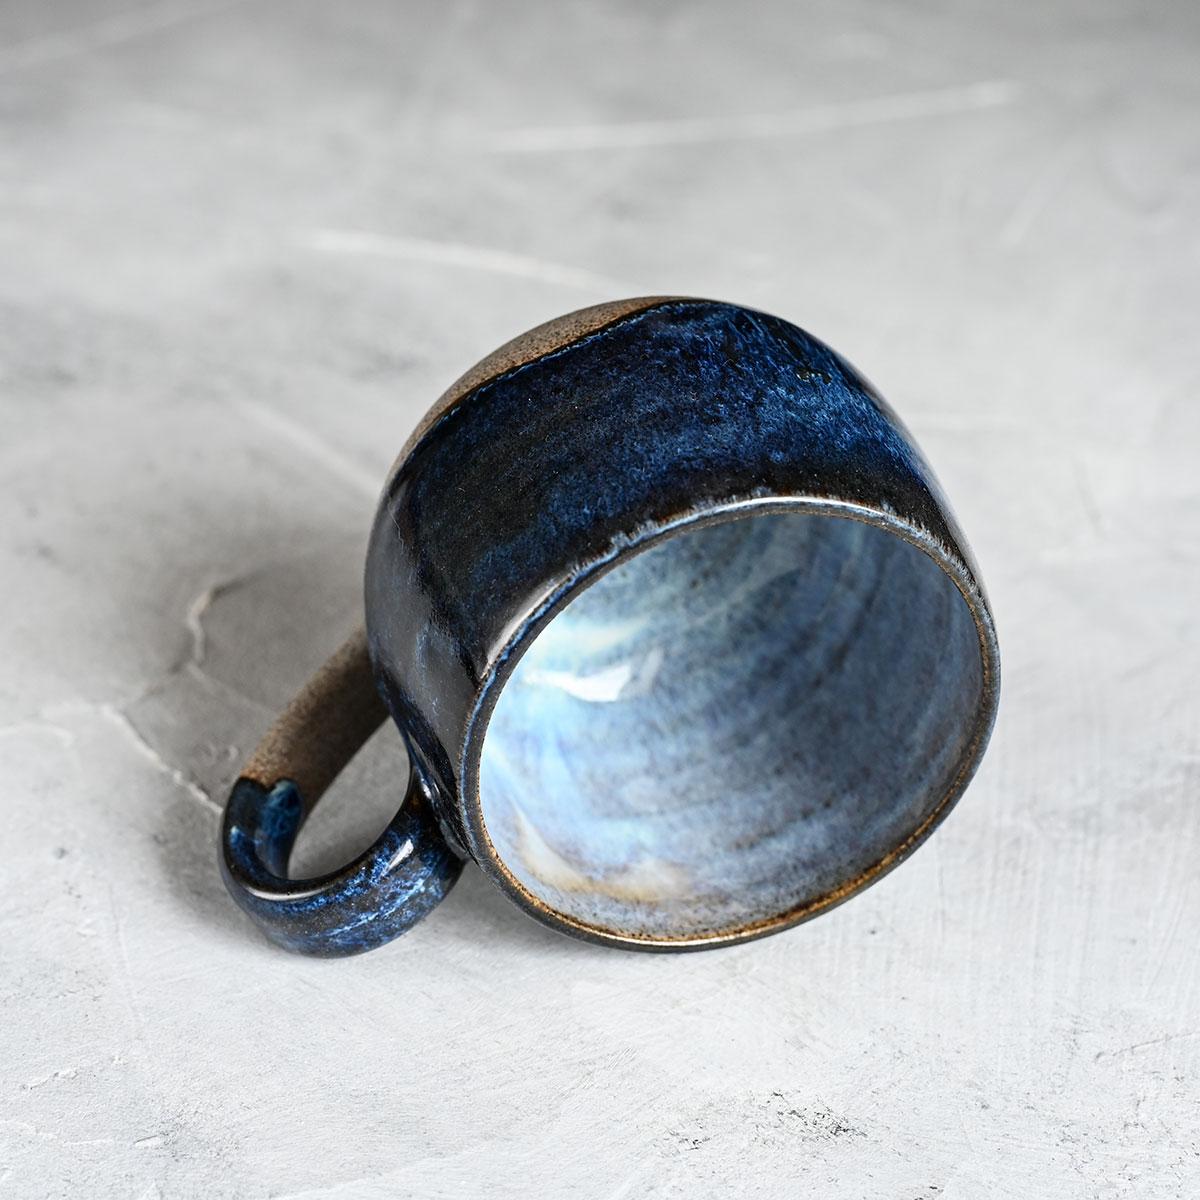 картинка Керамическая кружка Александры Золотаревой 2 - DishWishes.Ru